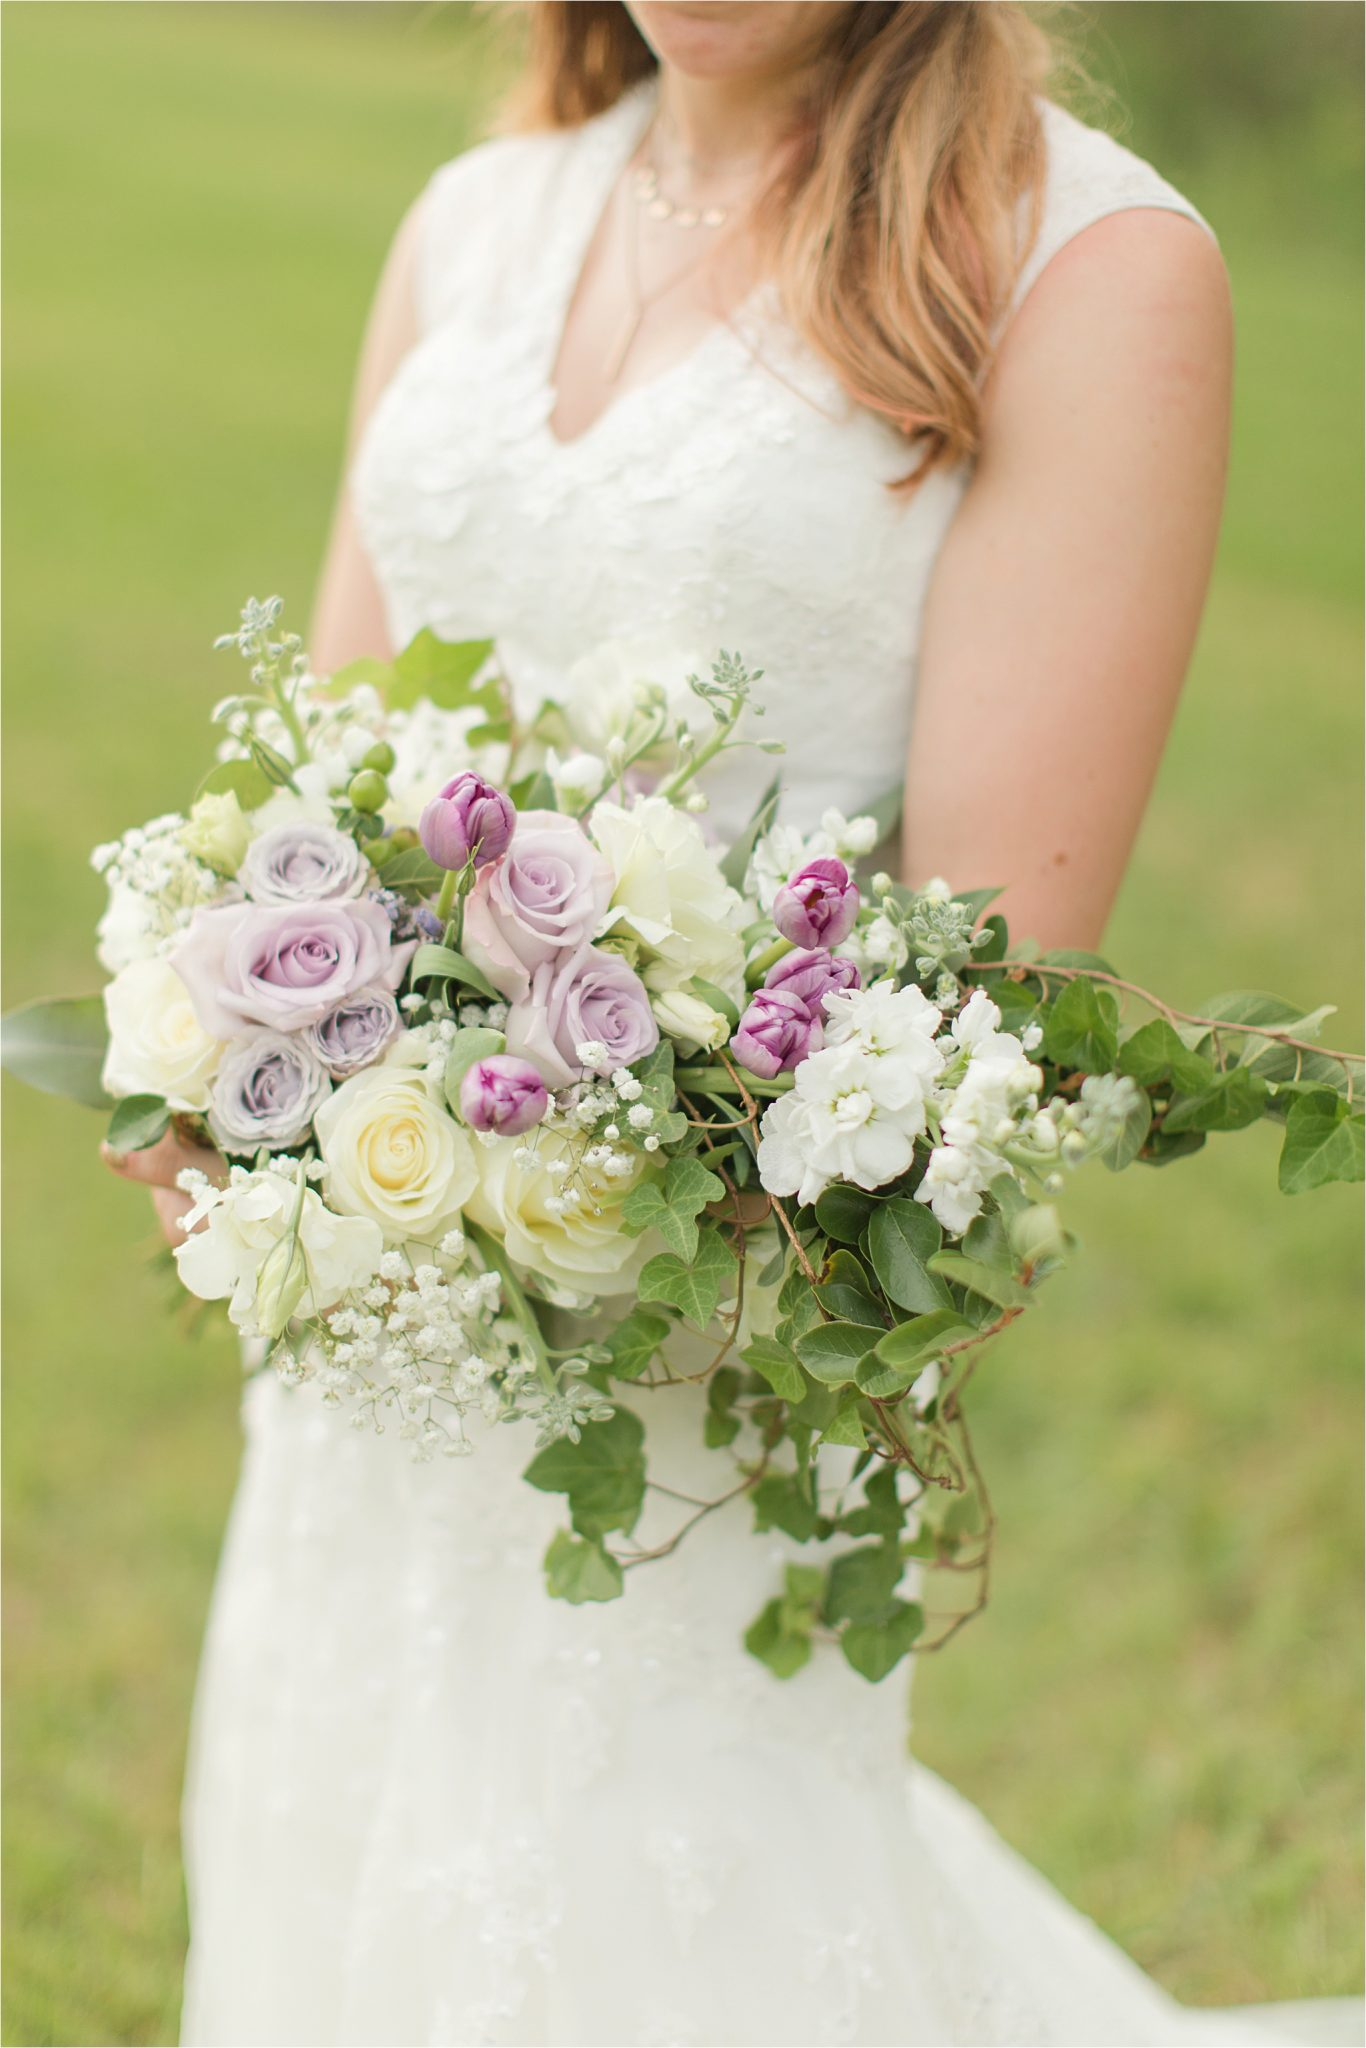 white roses-lavender roses-purple tulips-babies breath-ivy-wedding bouquet-bridal bouquet-brides bouquet